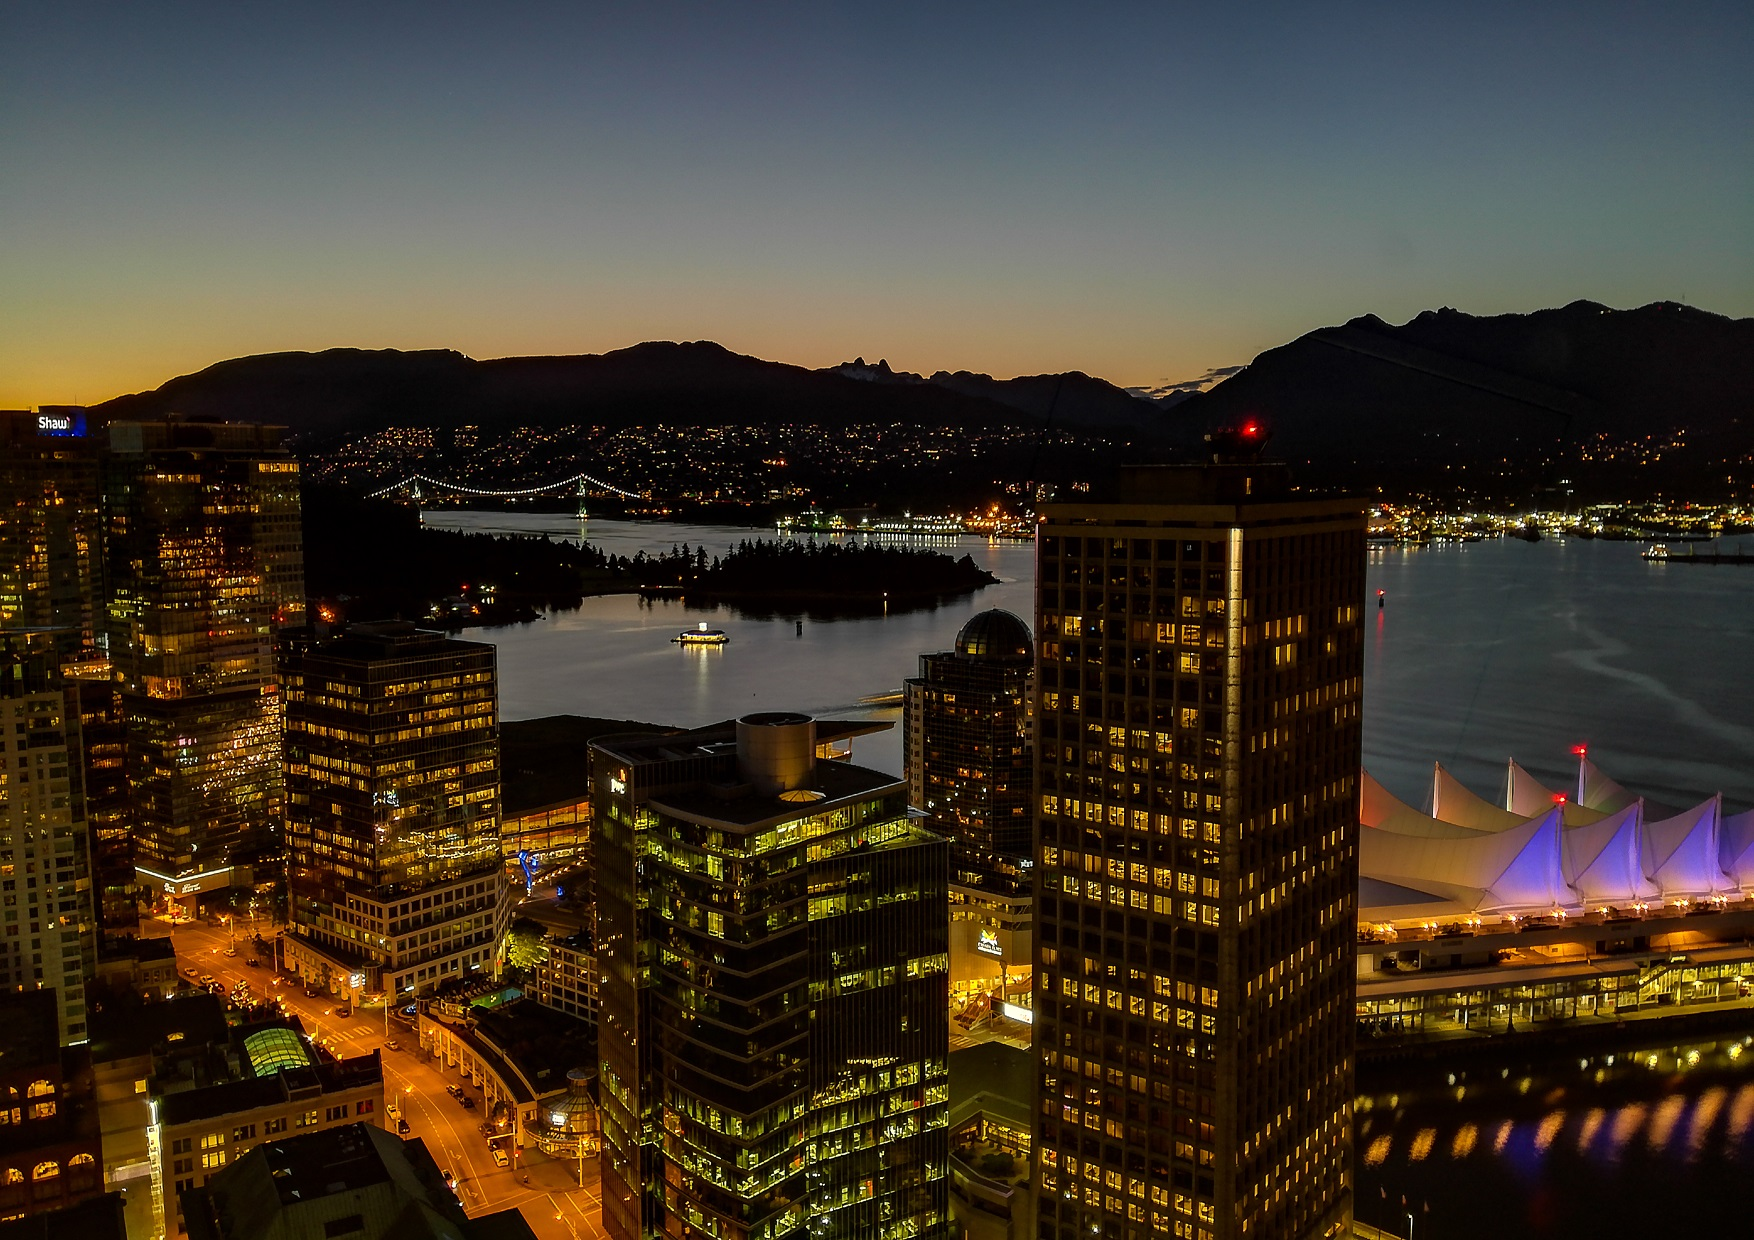 siti di incontri gratuiti Isola di Vancouver